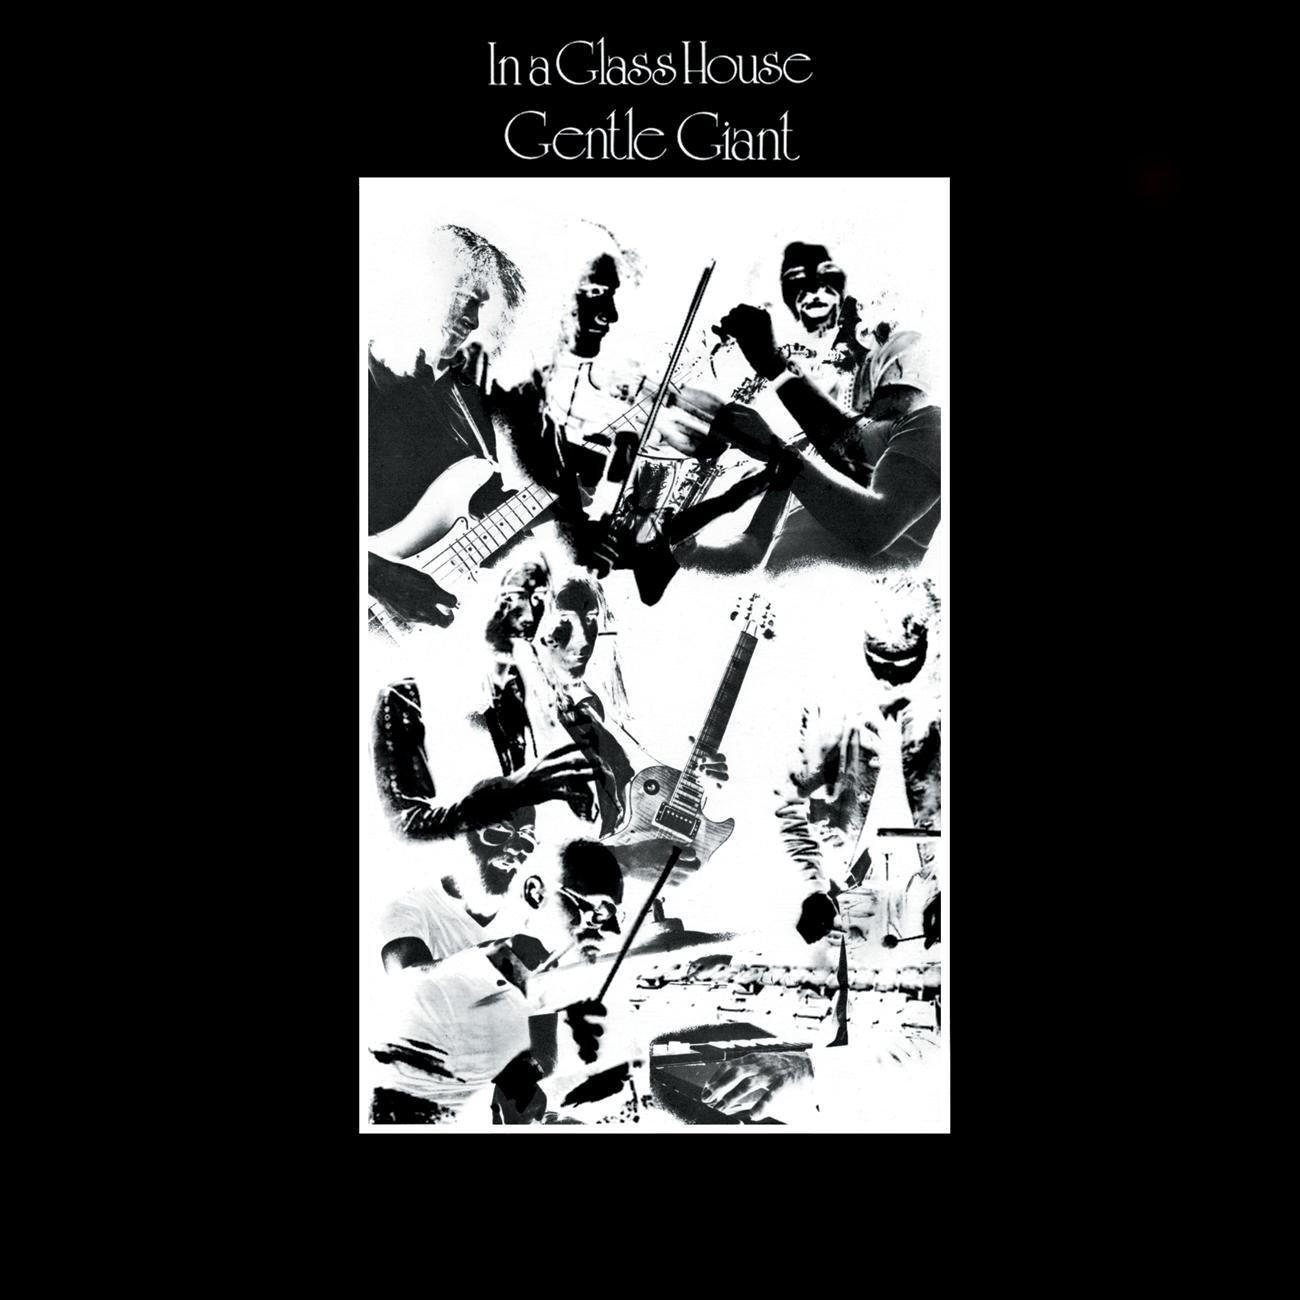 In A Glass House Lp Vinile Gentle Giant Vendita Vinili Online 1973